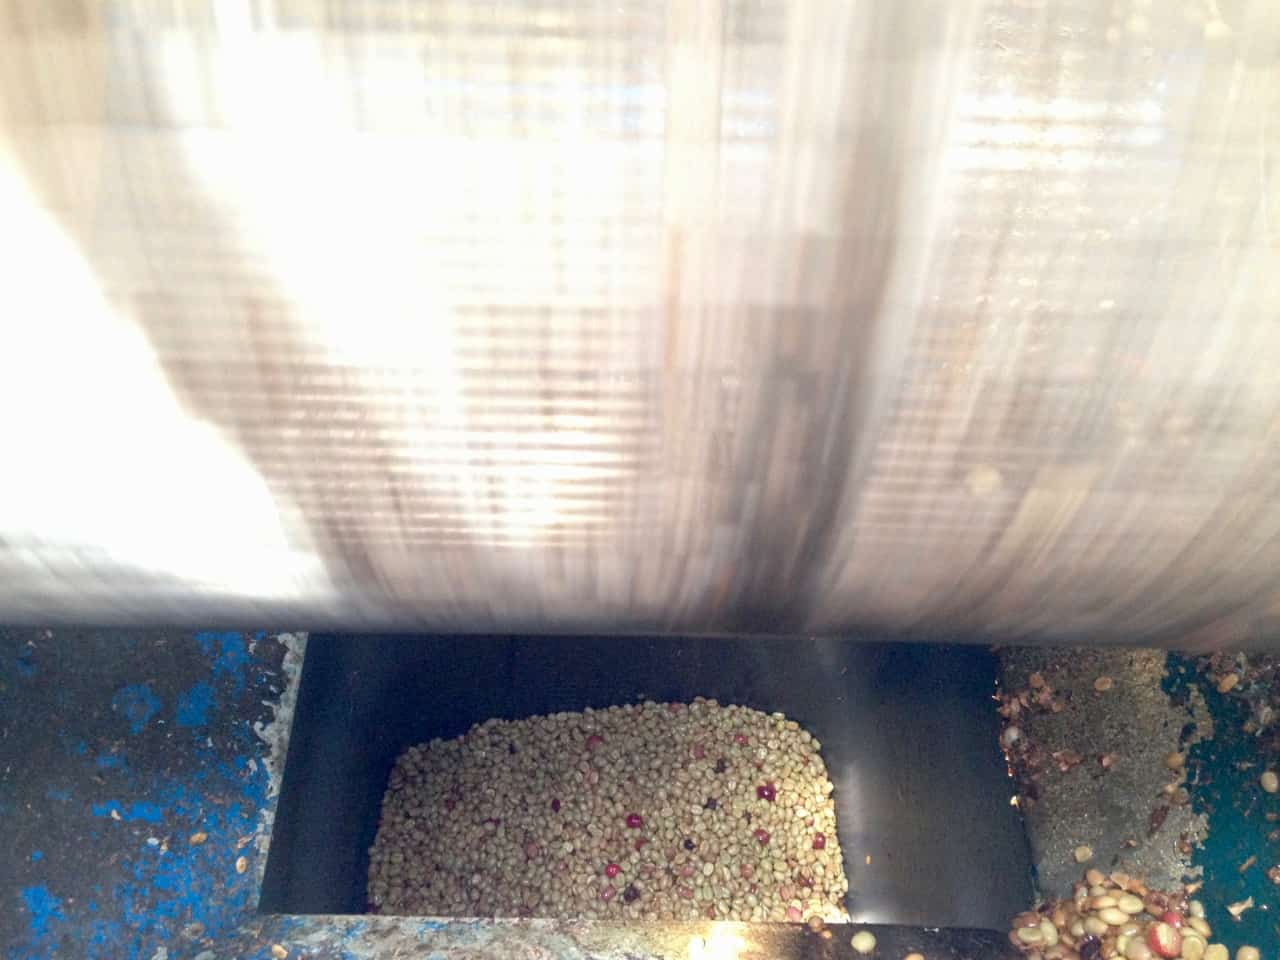 Eine Walze entfernt die Frucht von der Schalte (Bild: M. Schäfer, Textrakt)